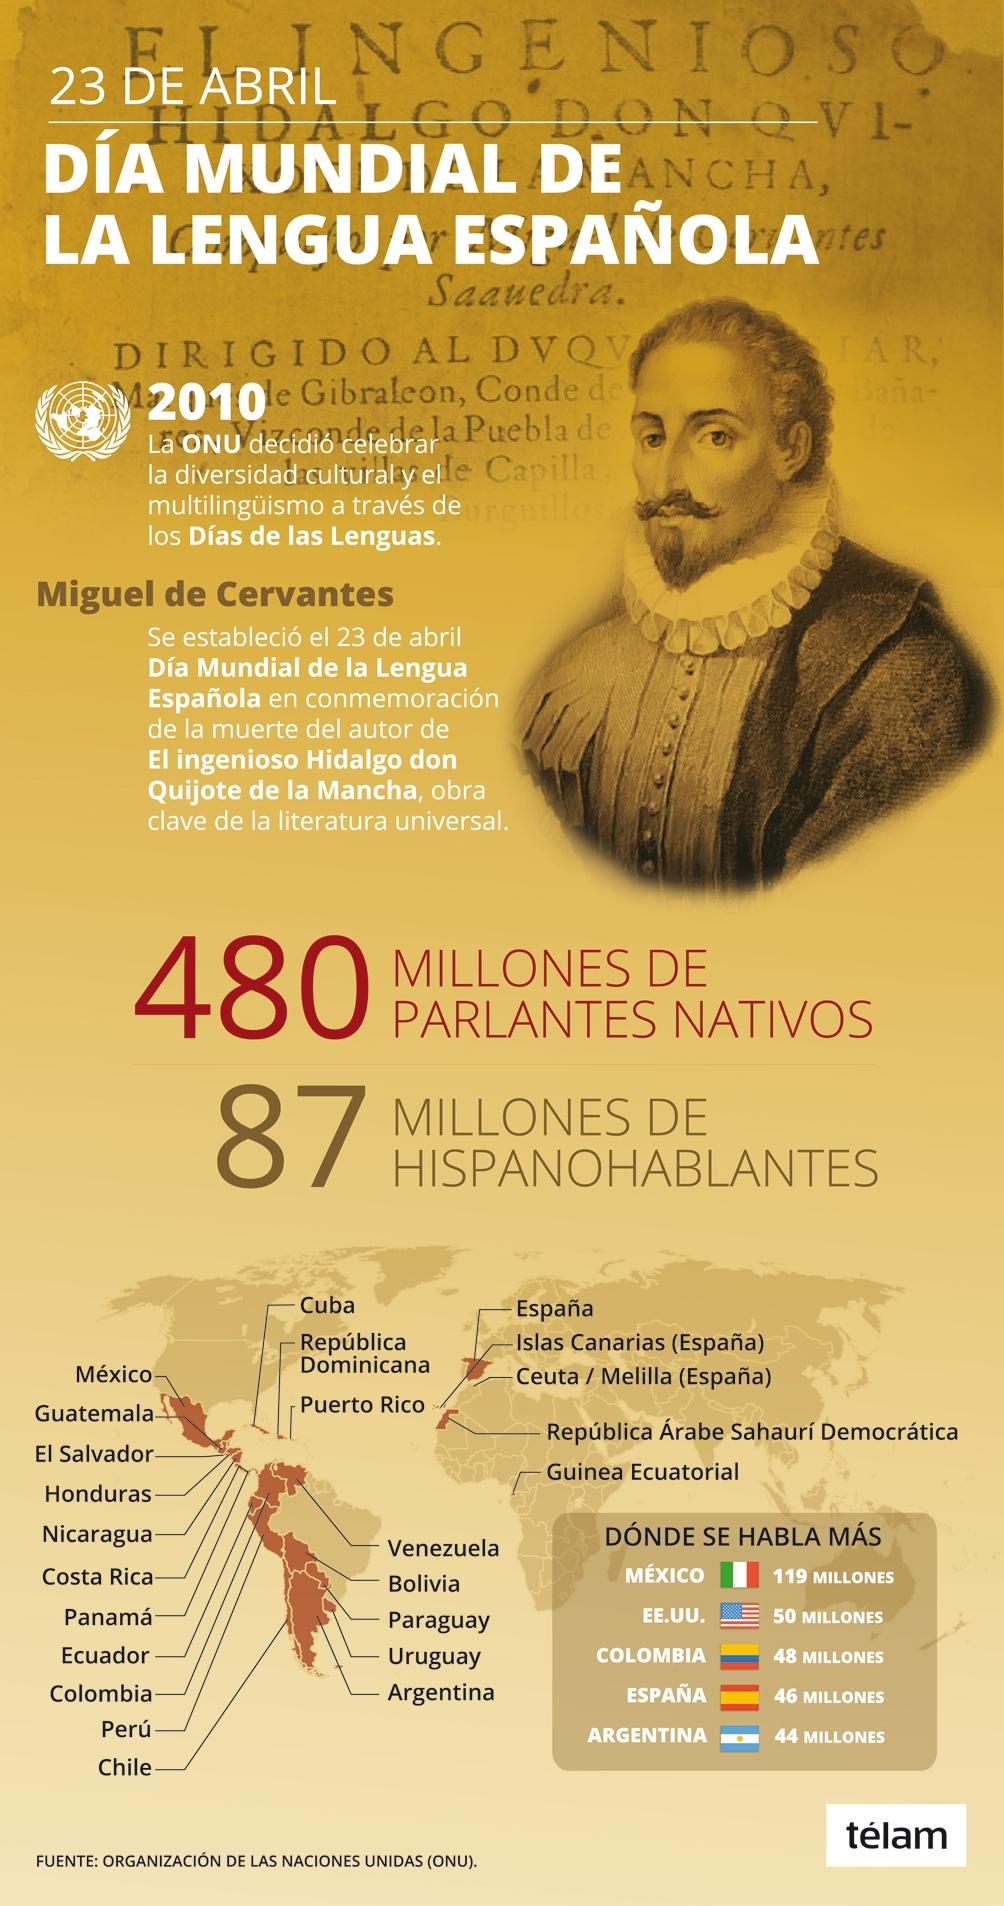 Día de la Lengua Española: la diversidad cultural de 480 millones de parlantes